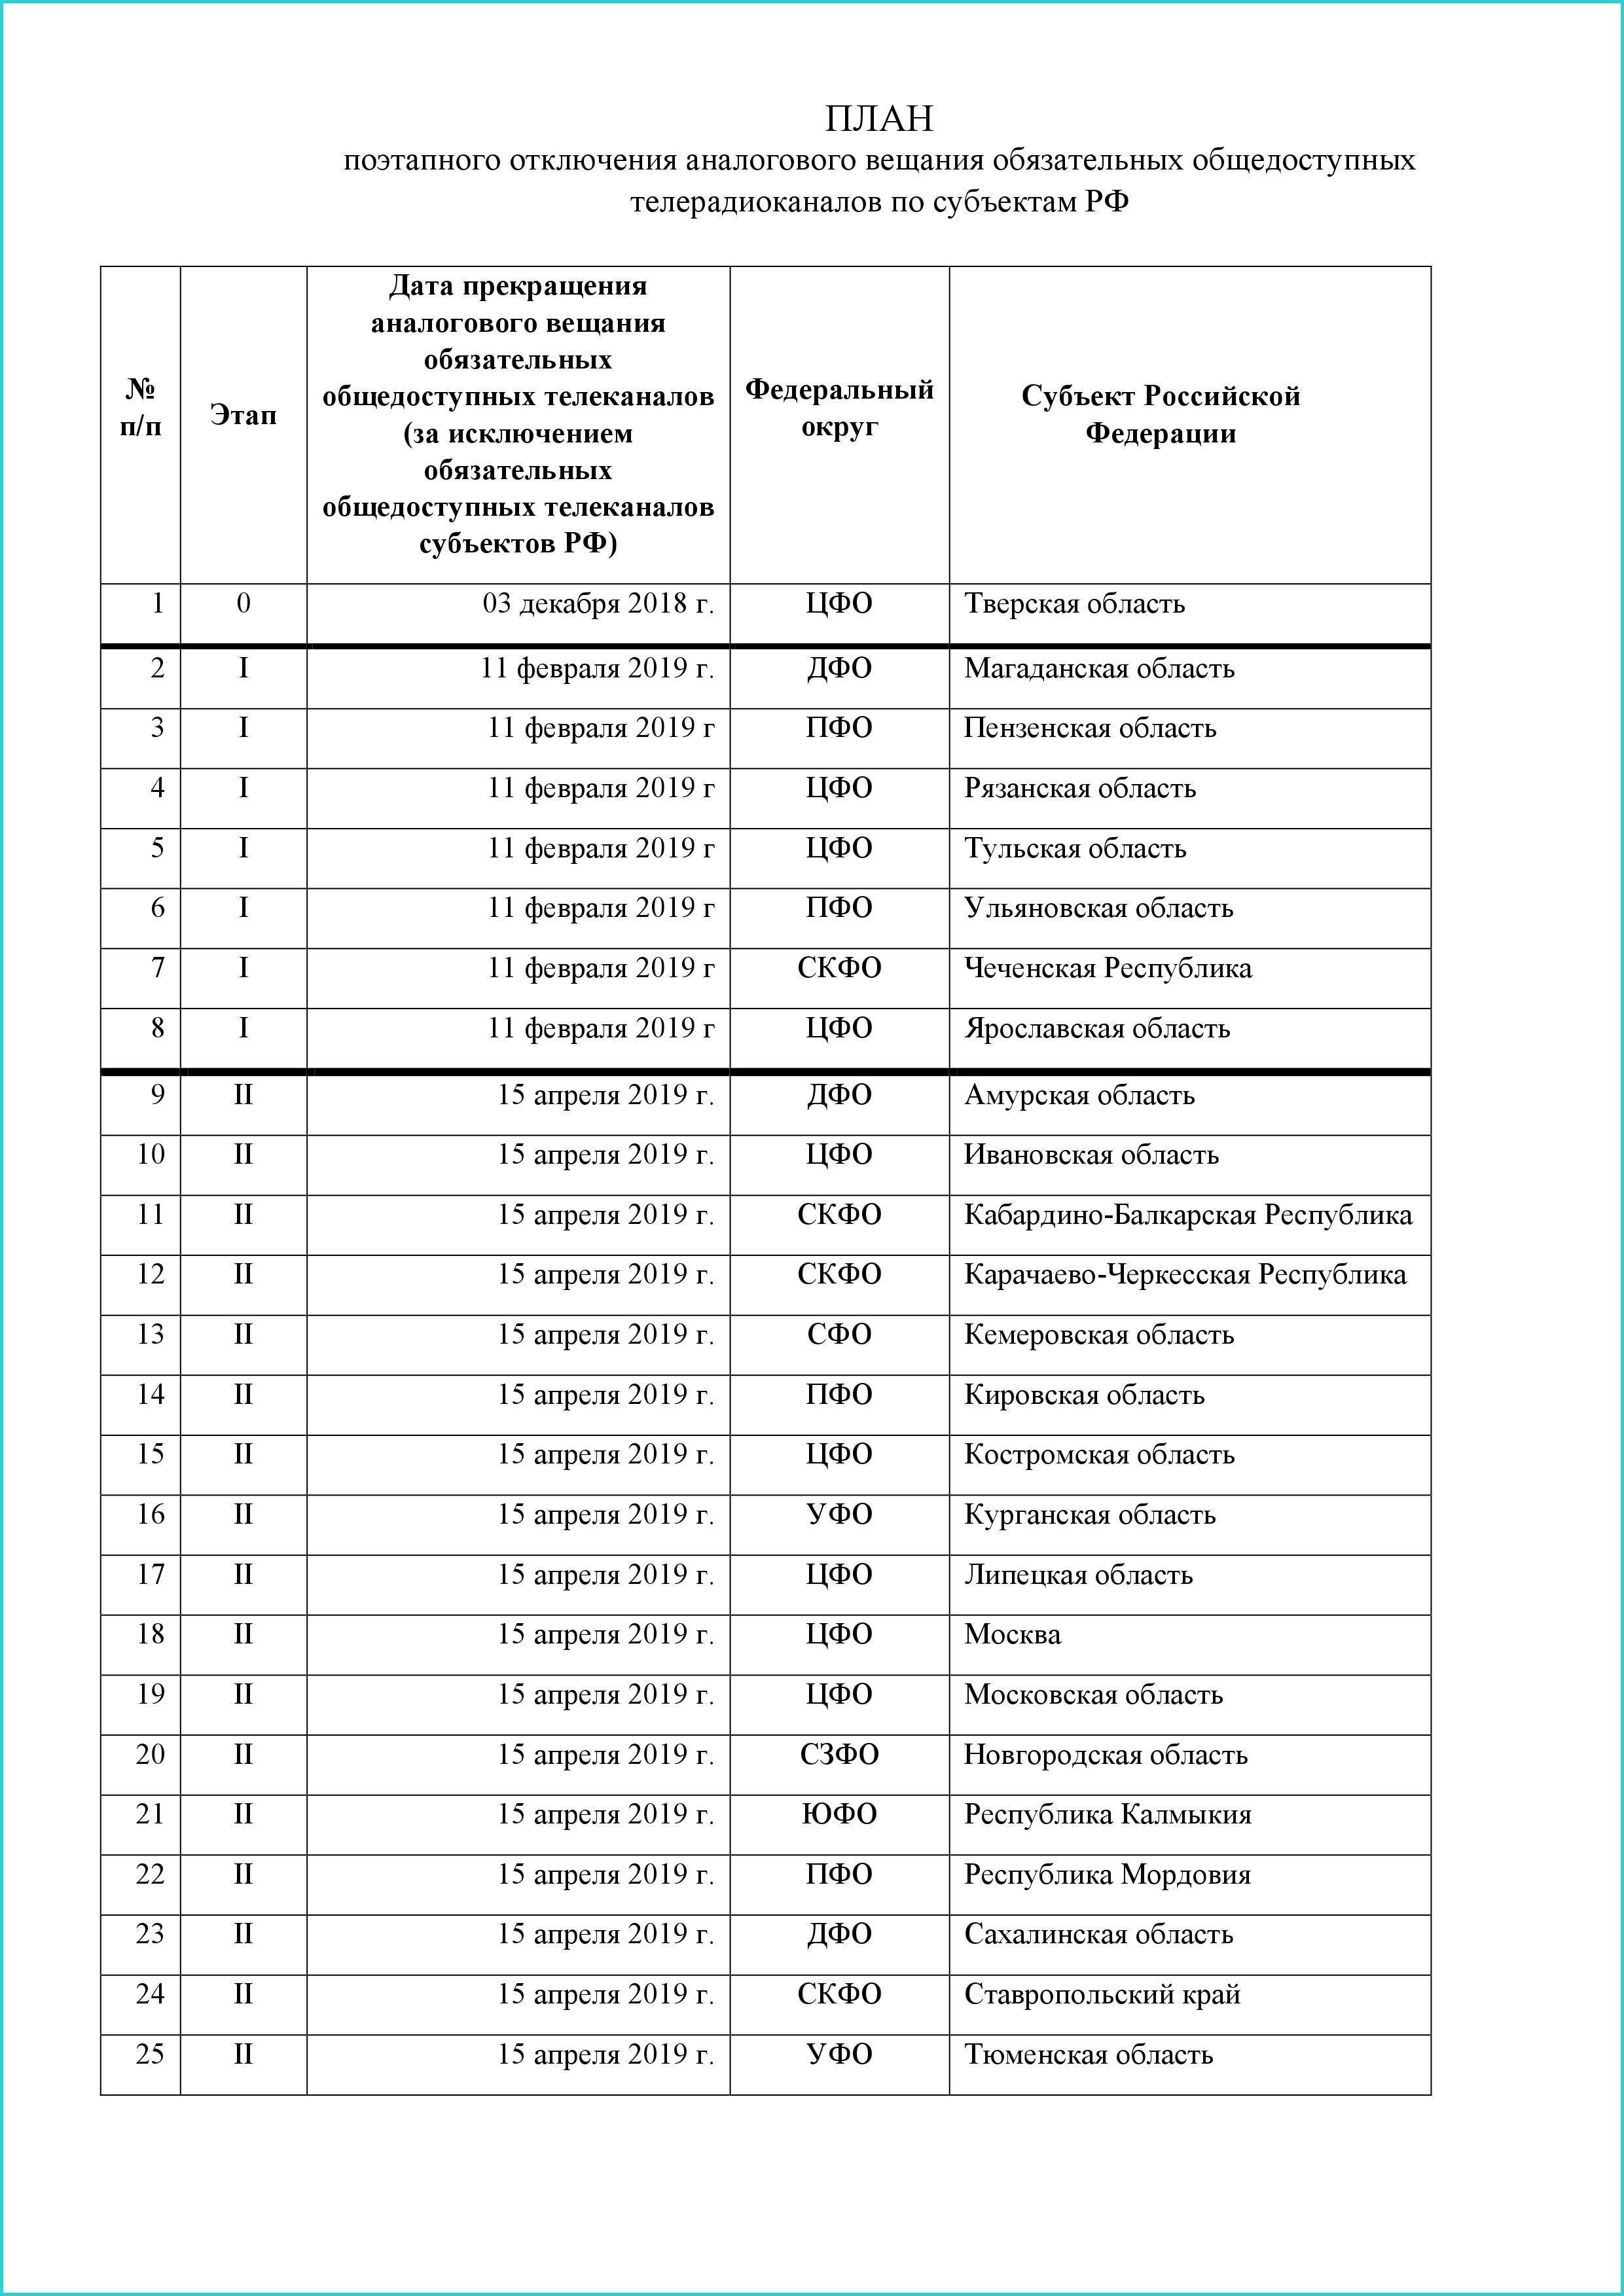 План отключения аналогового телевиденья в России, страница 1